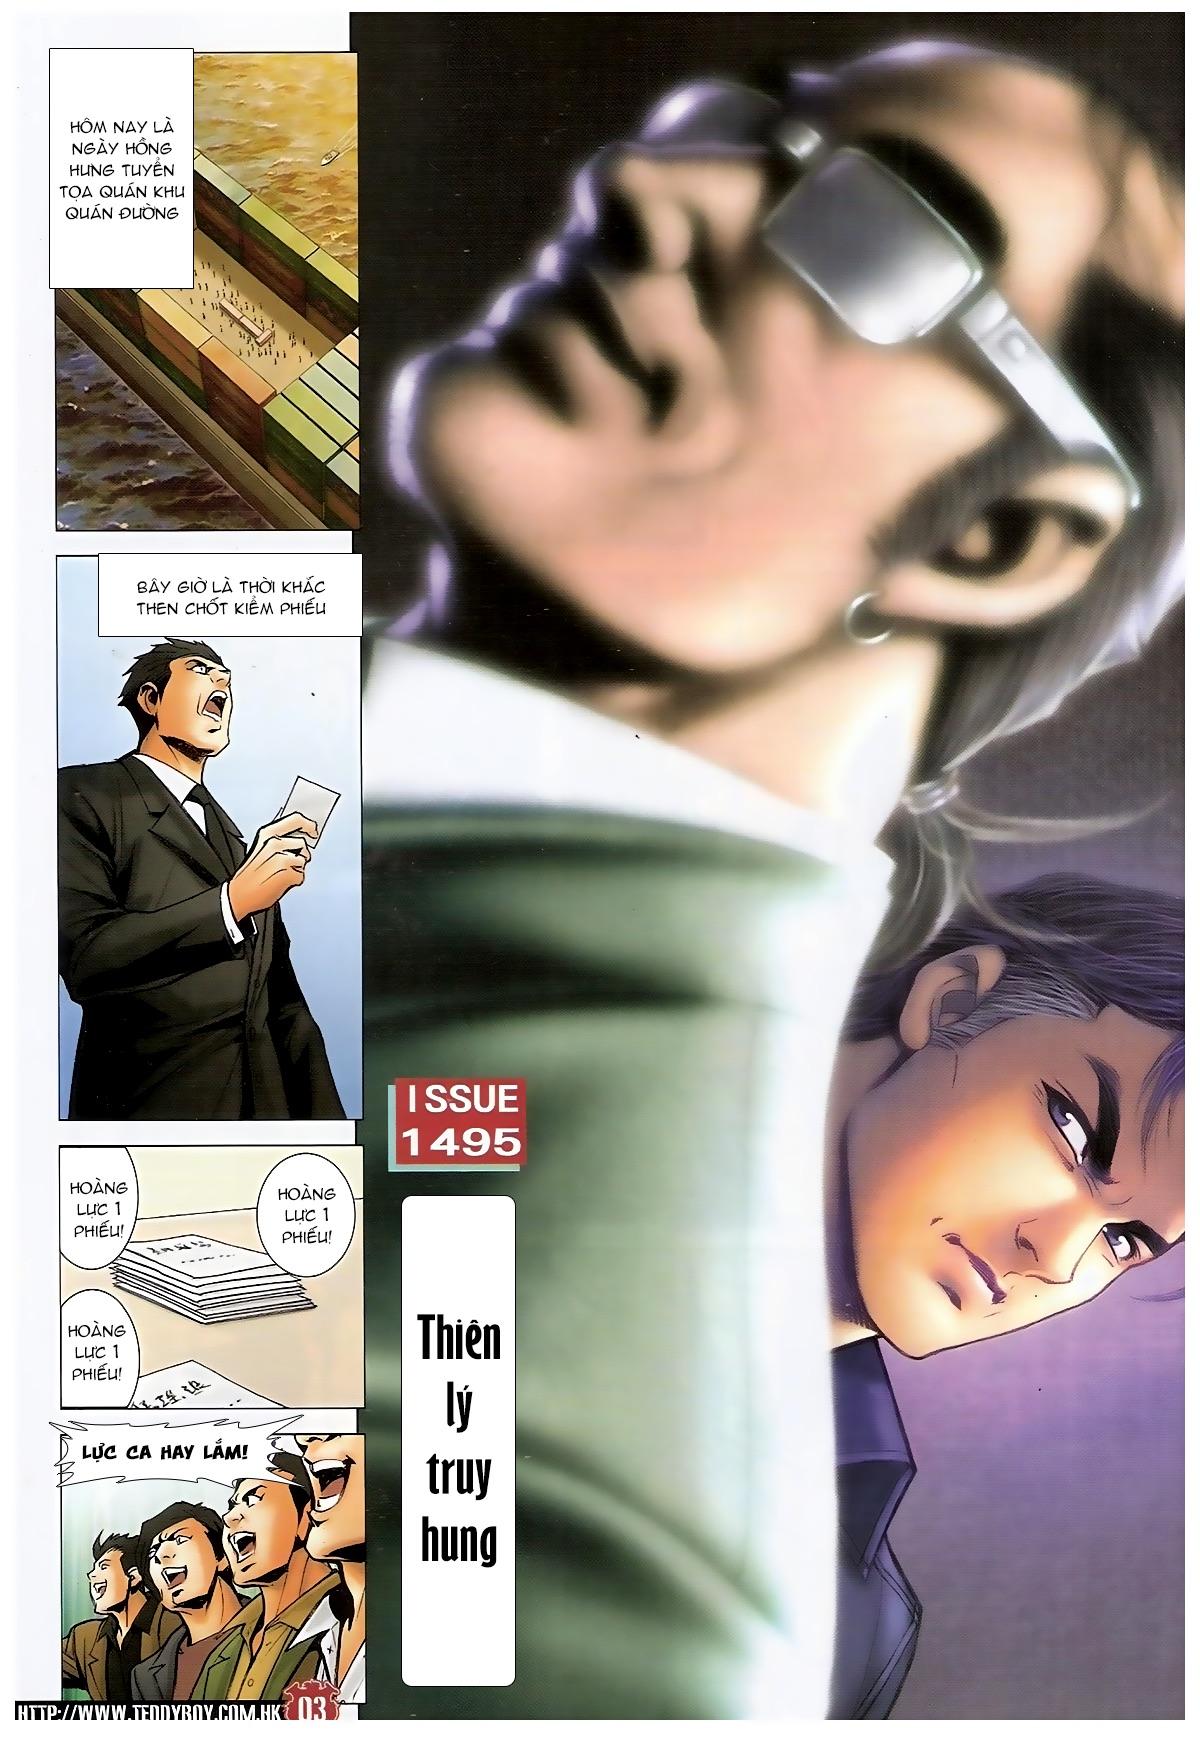 Người Trong Giang Hồ - Chapter 1495: Thiên lý truy hung - Pic 2